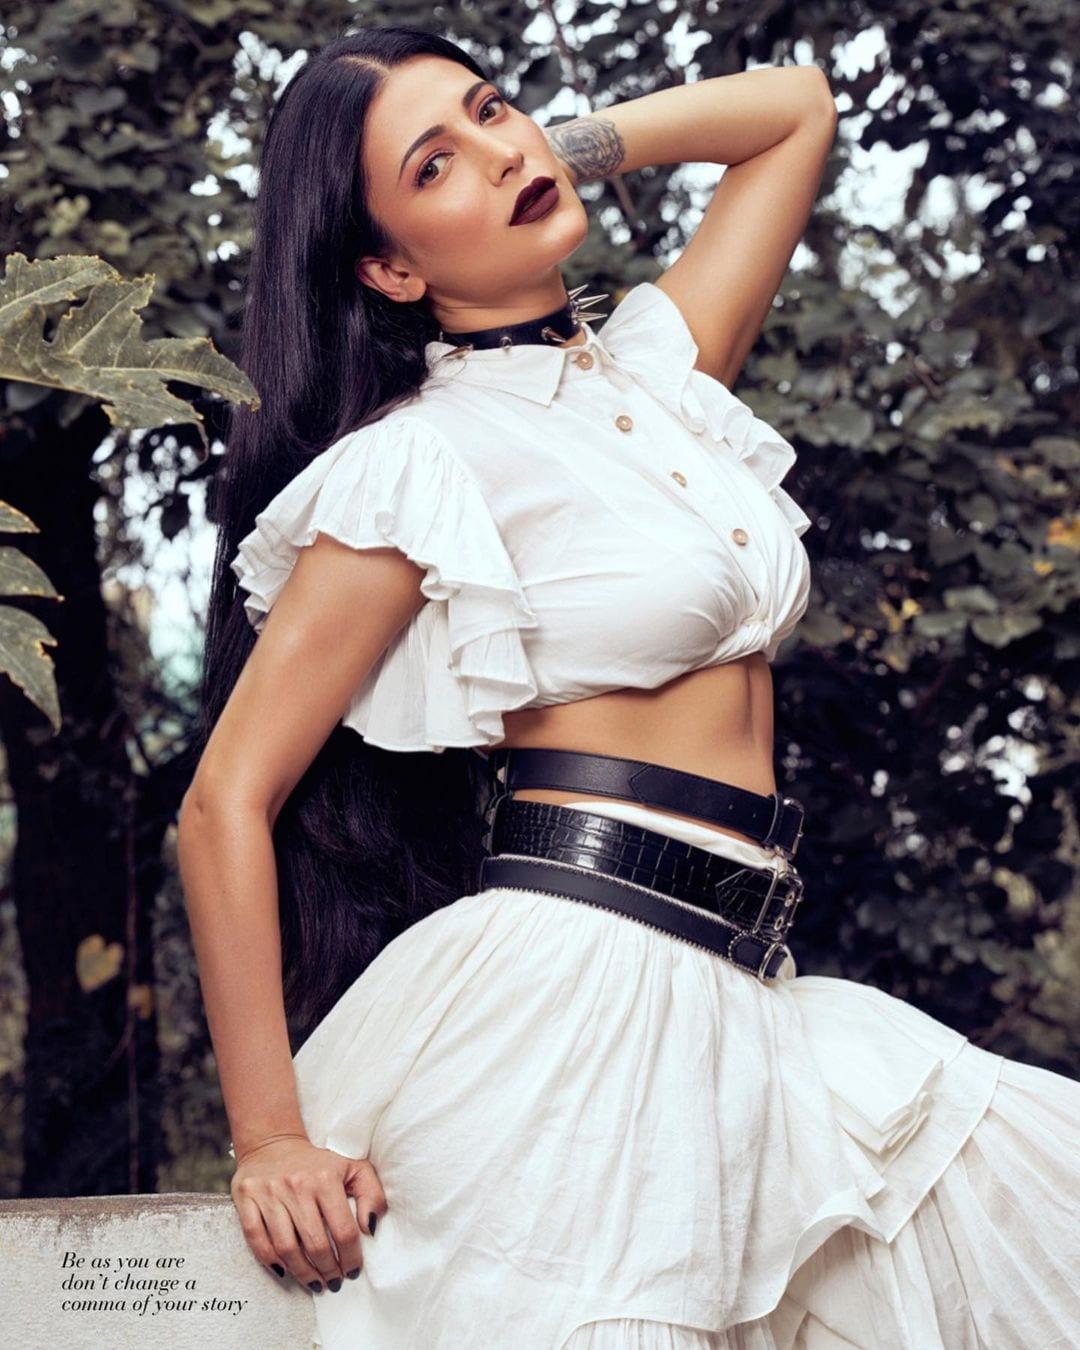 நடிகை ஸ்ருதி ஹாசன் ( Image : Instagram @shrutzhaasan )